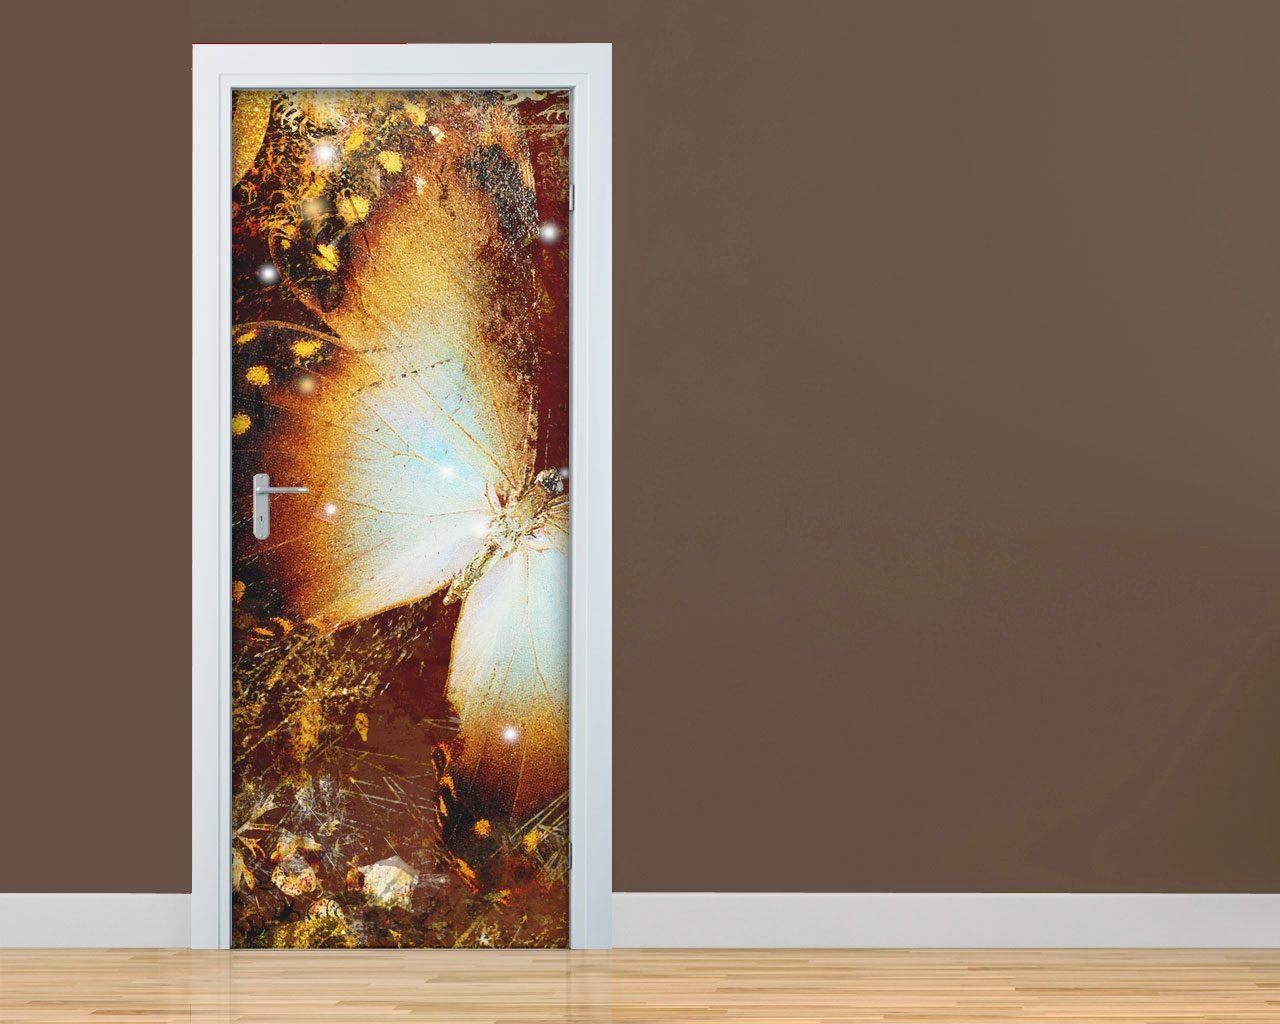 Volo di farfalla n 2 arte adesivo per porte - Stickers porte interne ...